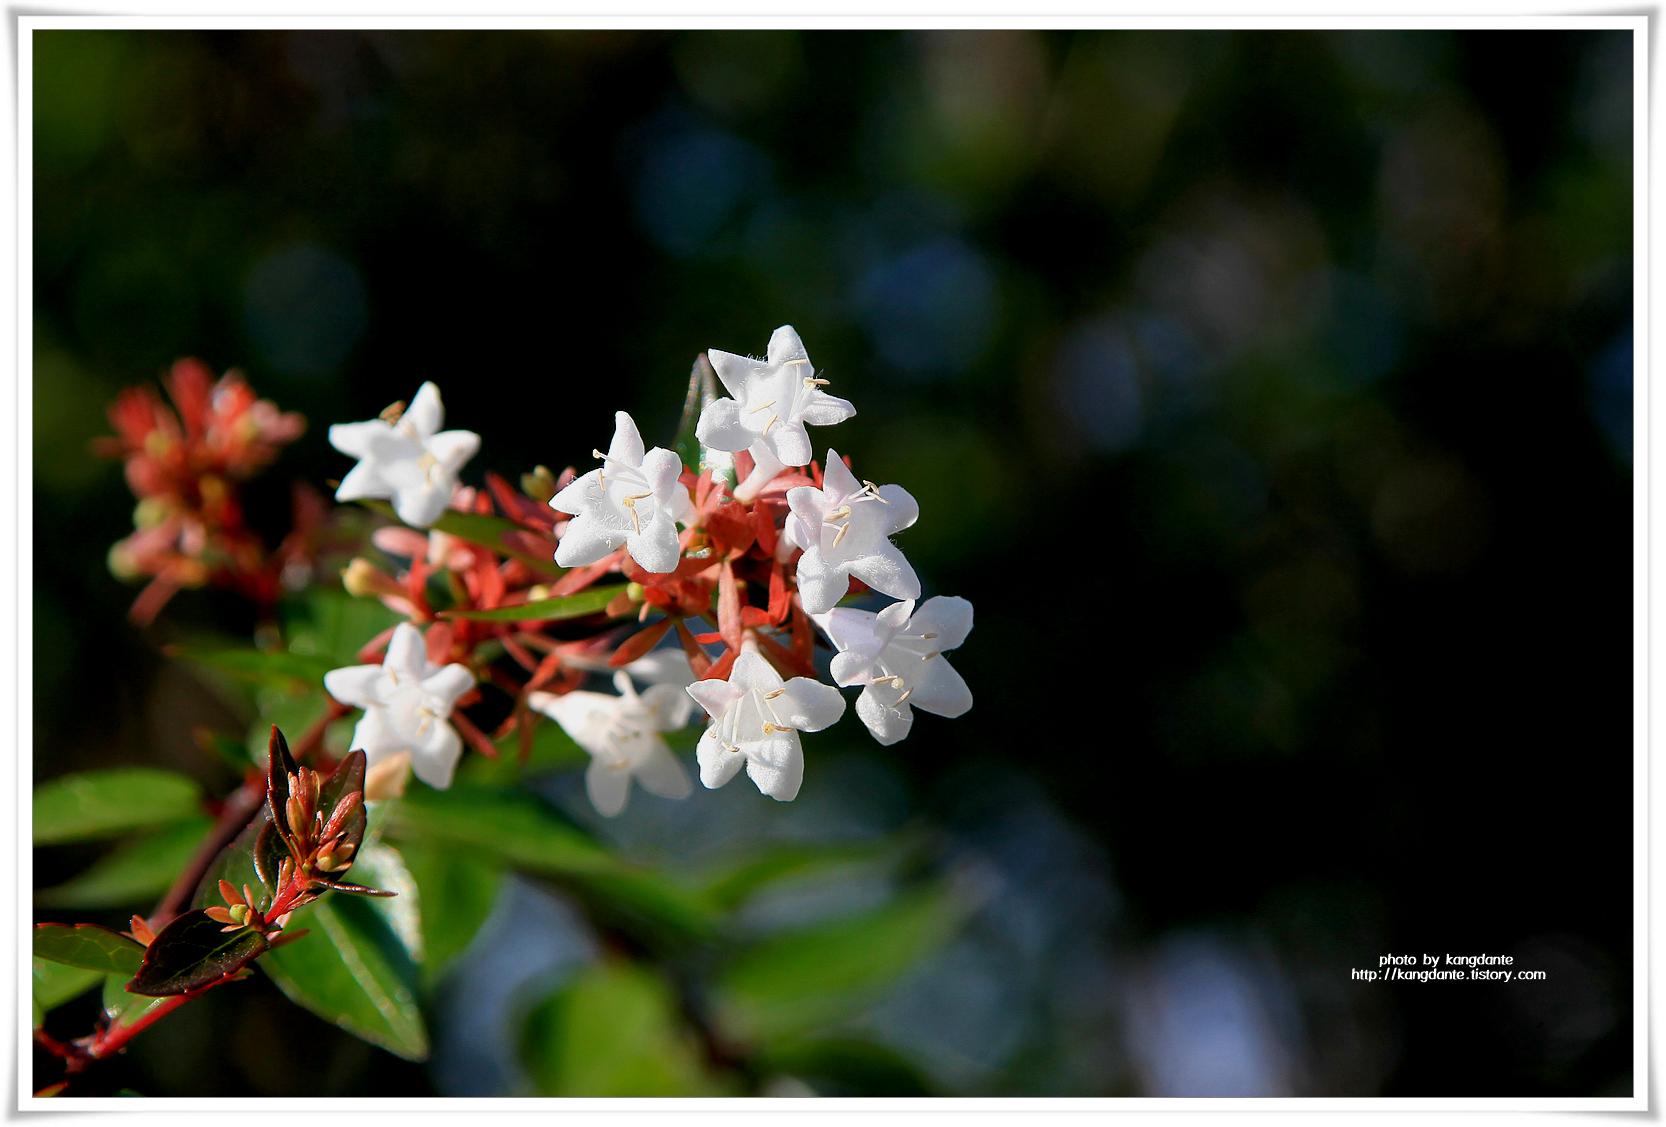 종 모양의 하얀 꽃, 꽃댕강나무꽃